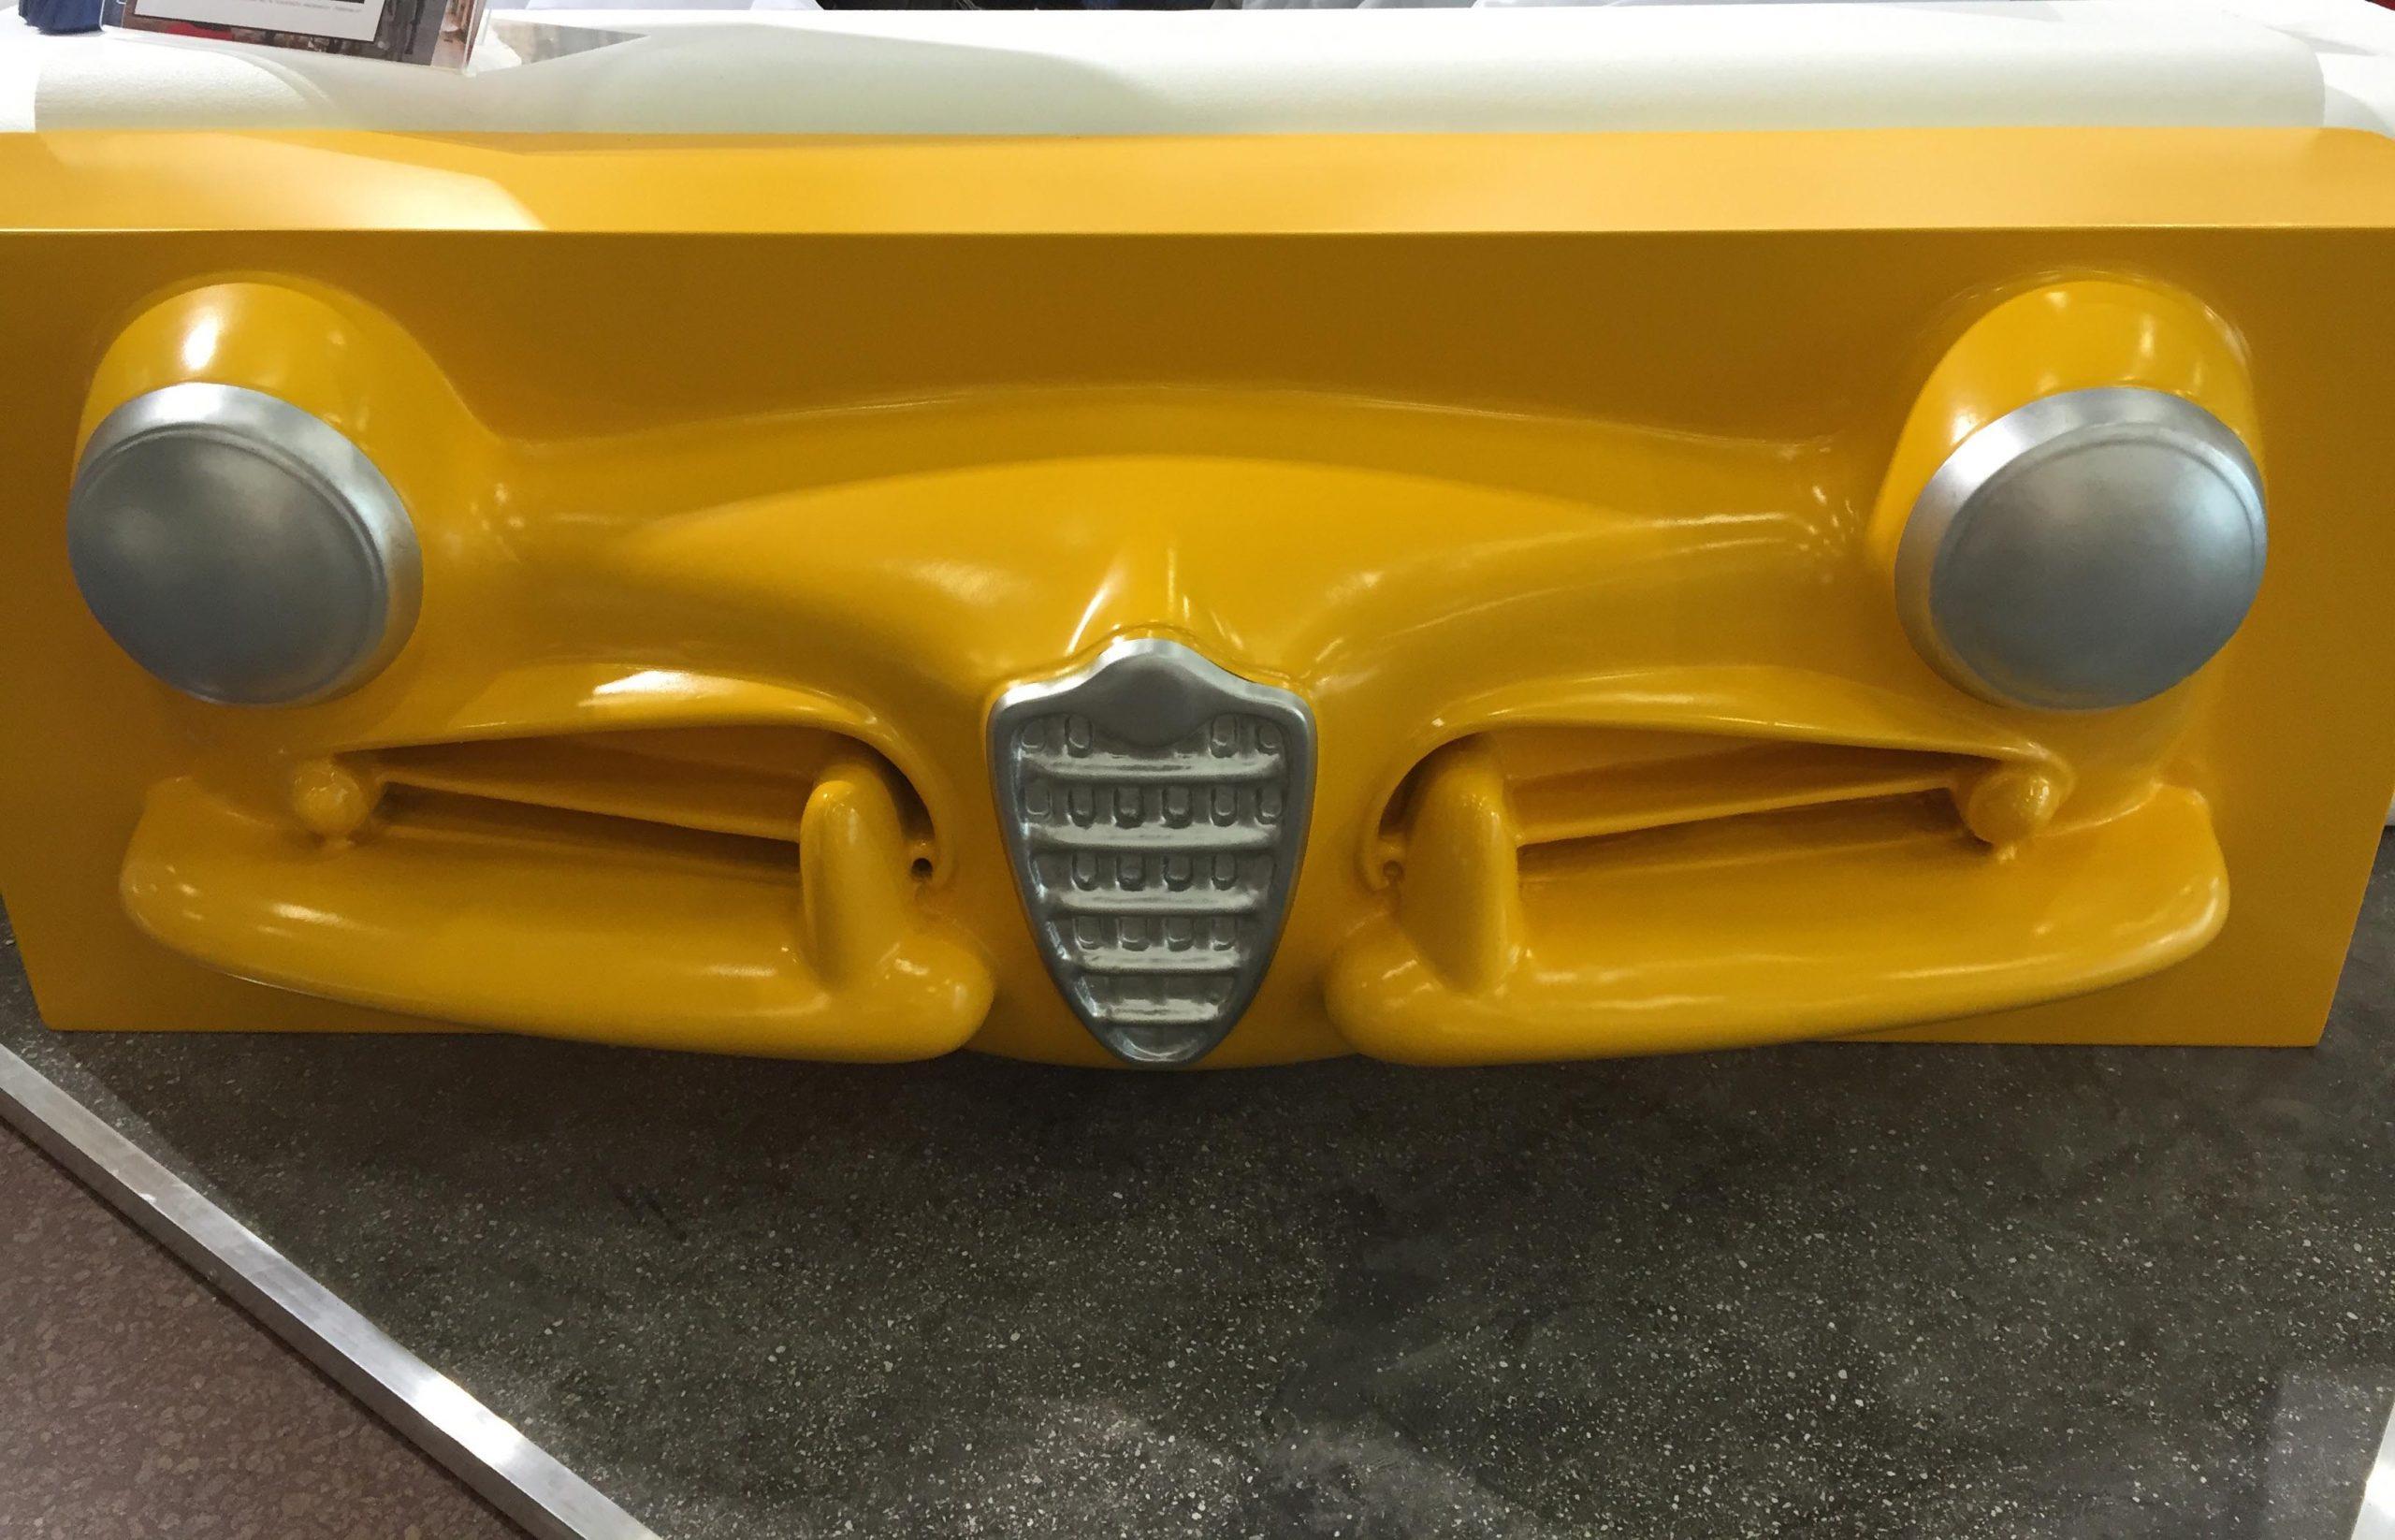 Alfa Romeo Giulietta Stampa 3D - KreaItaly, Stampa 3d - Stampanti 3d Marche - Stampanti 3D prezzi - Aziende stampa 3d